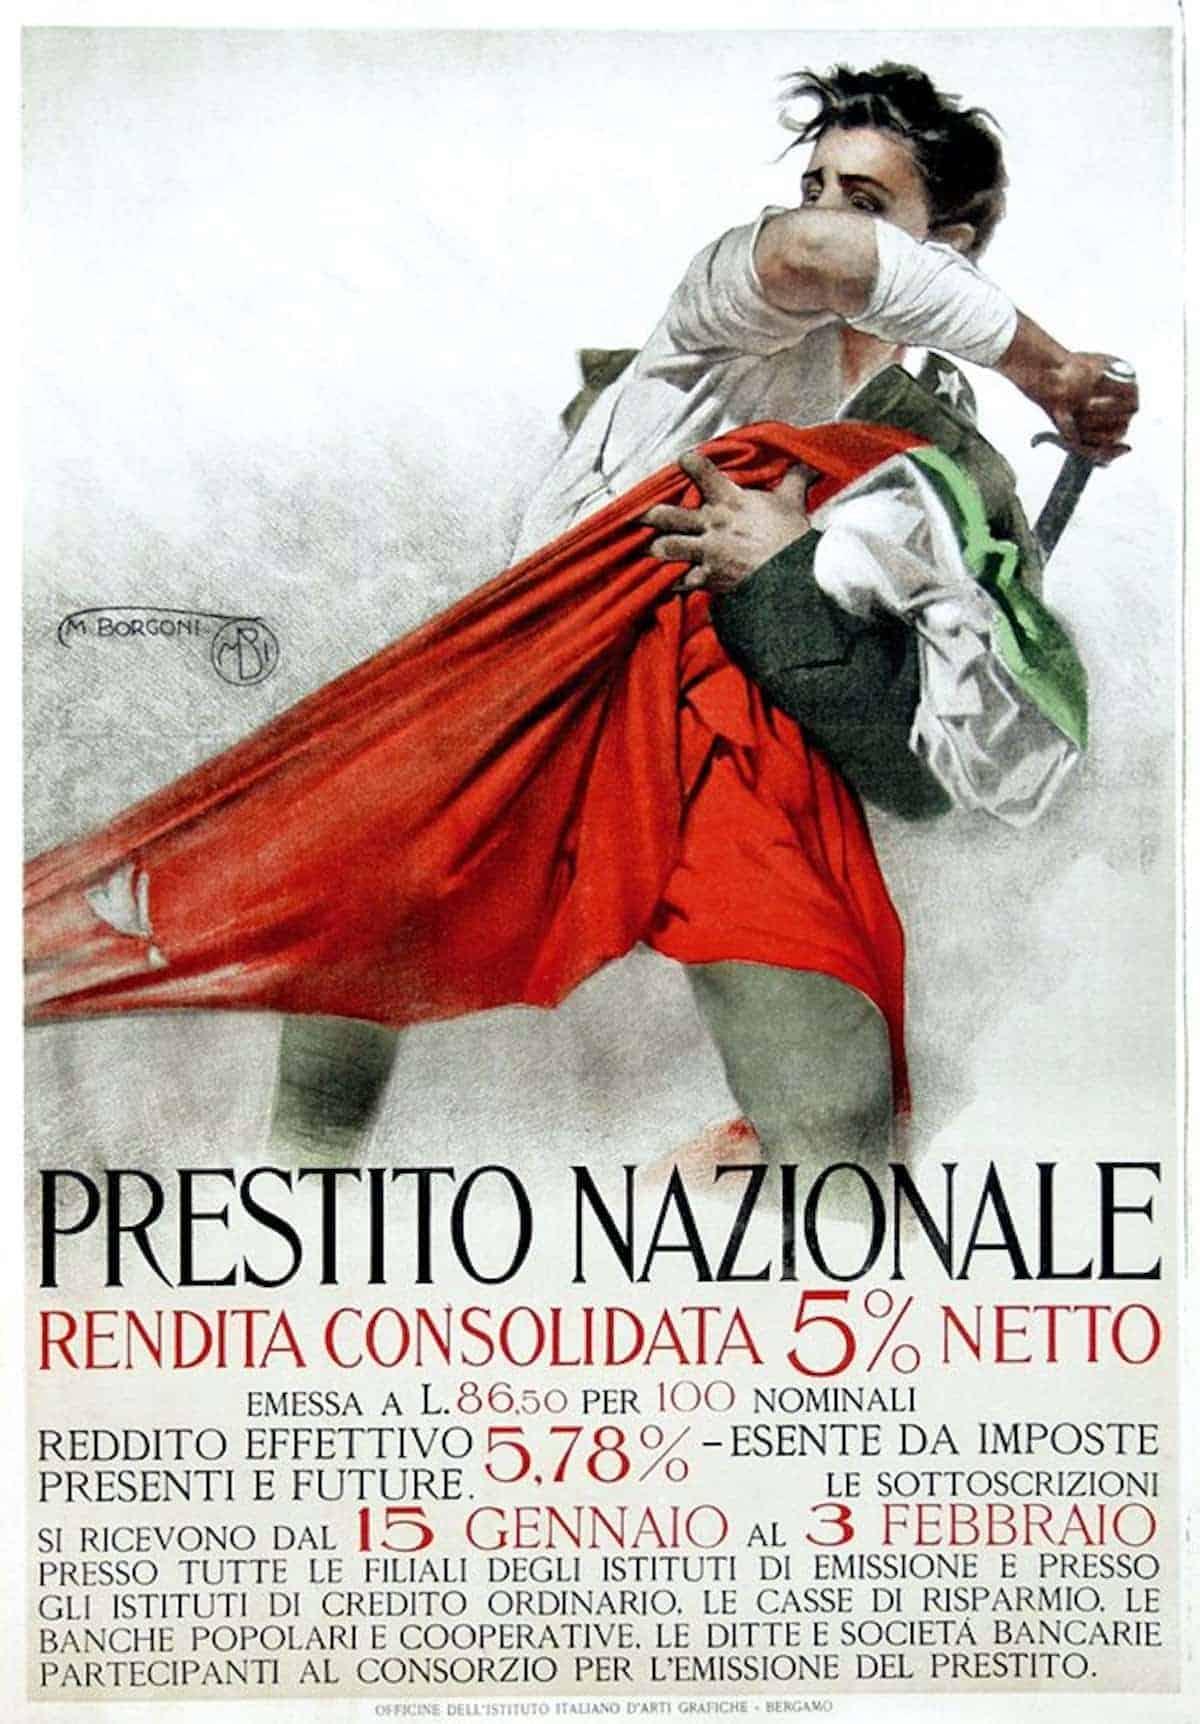 Prestito nazionale 5